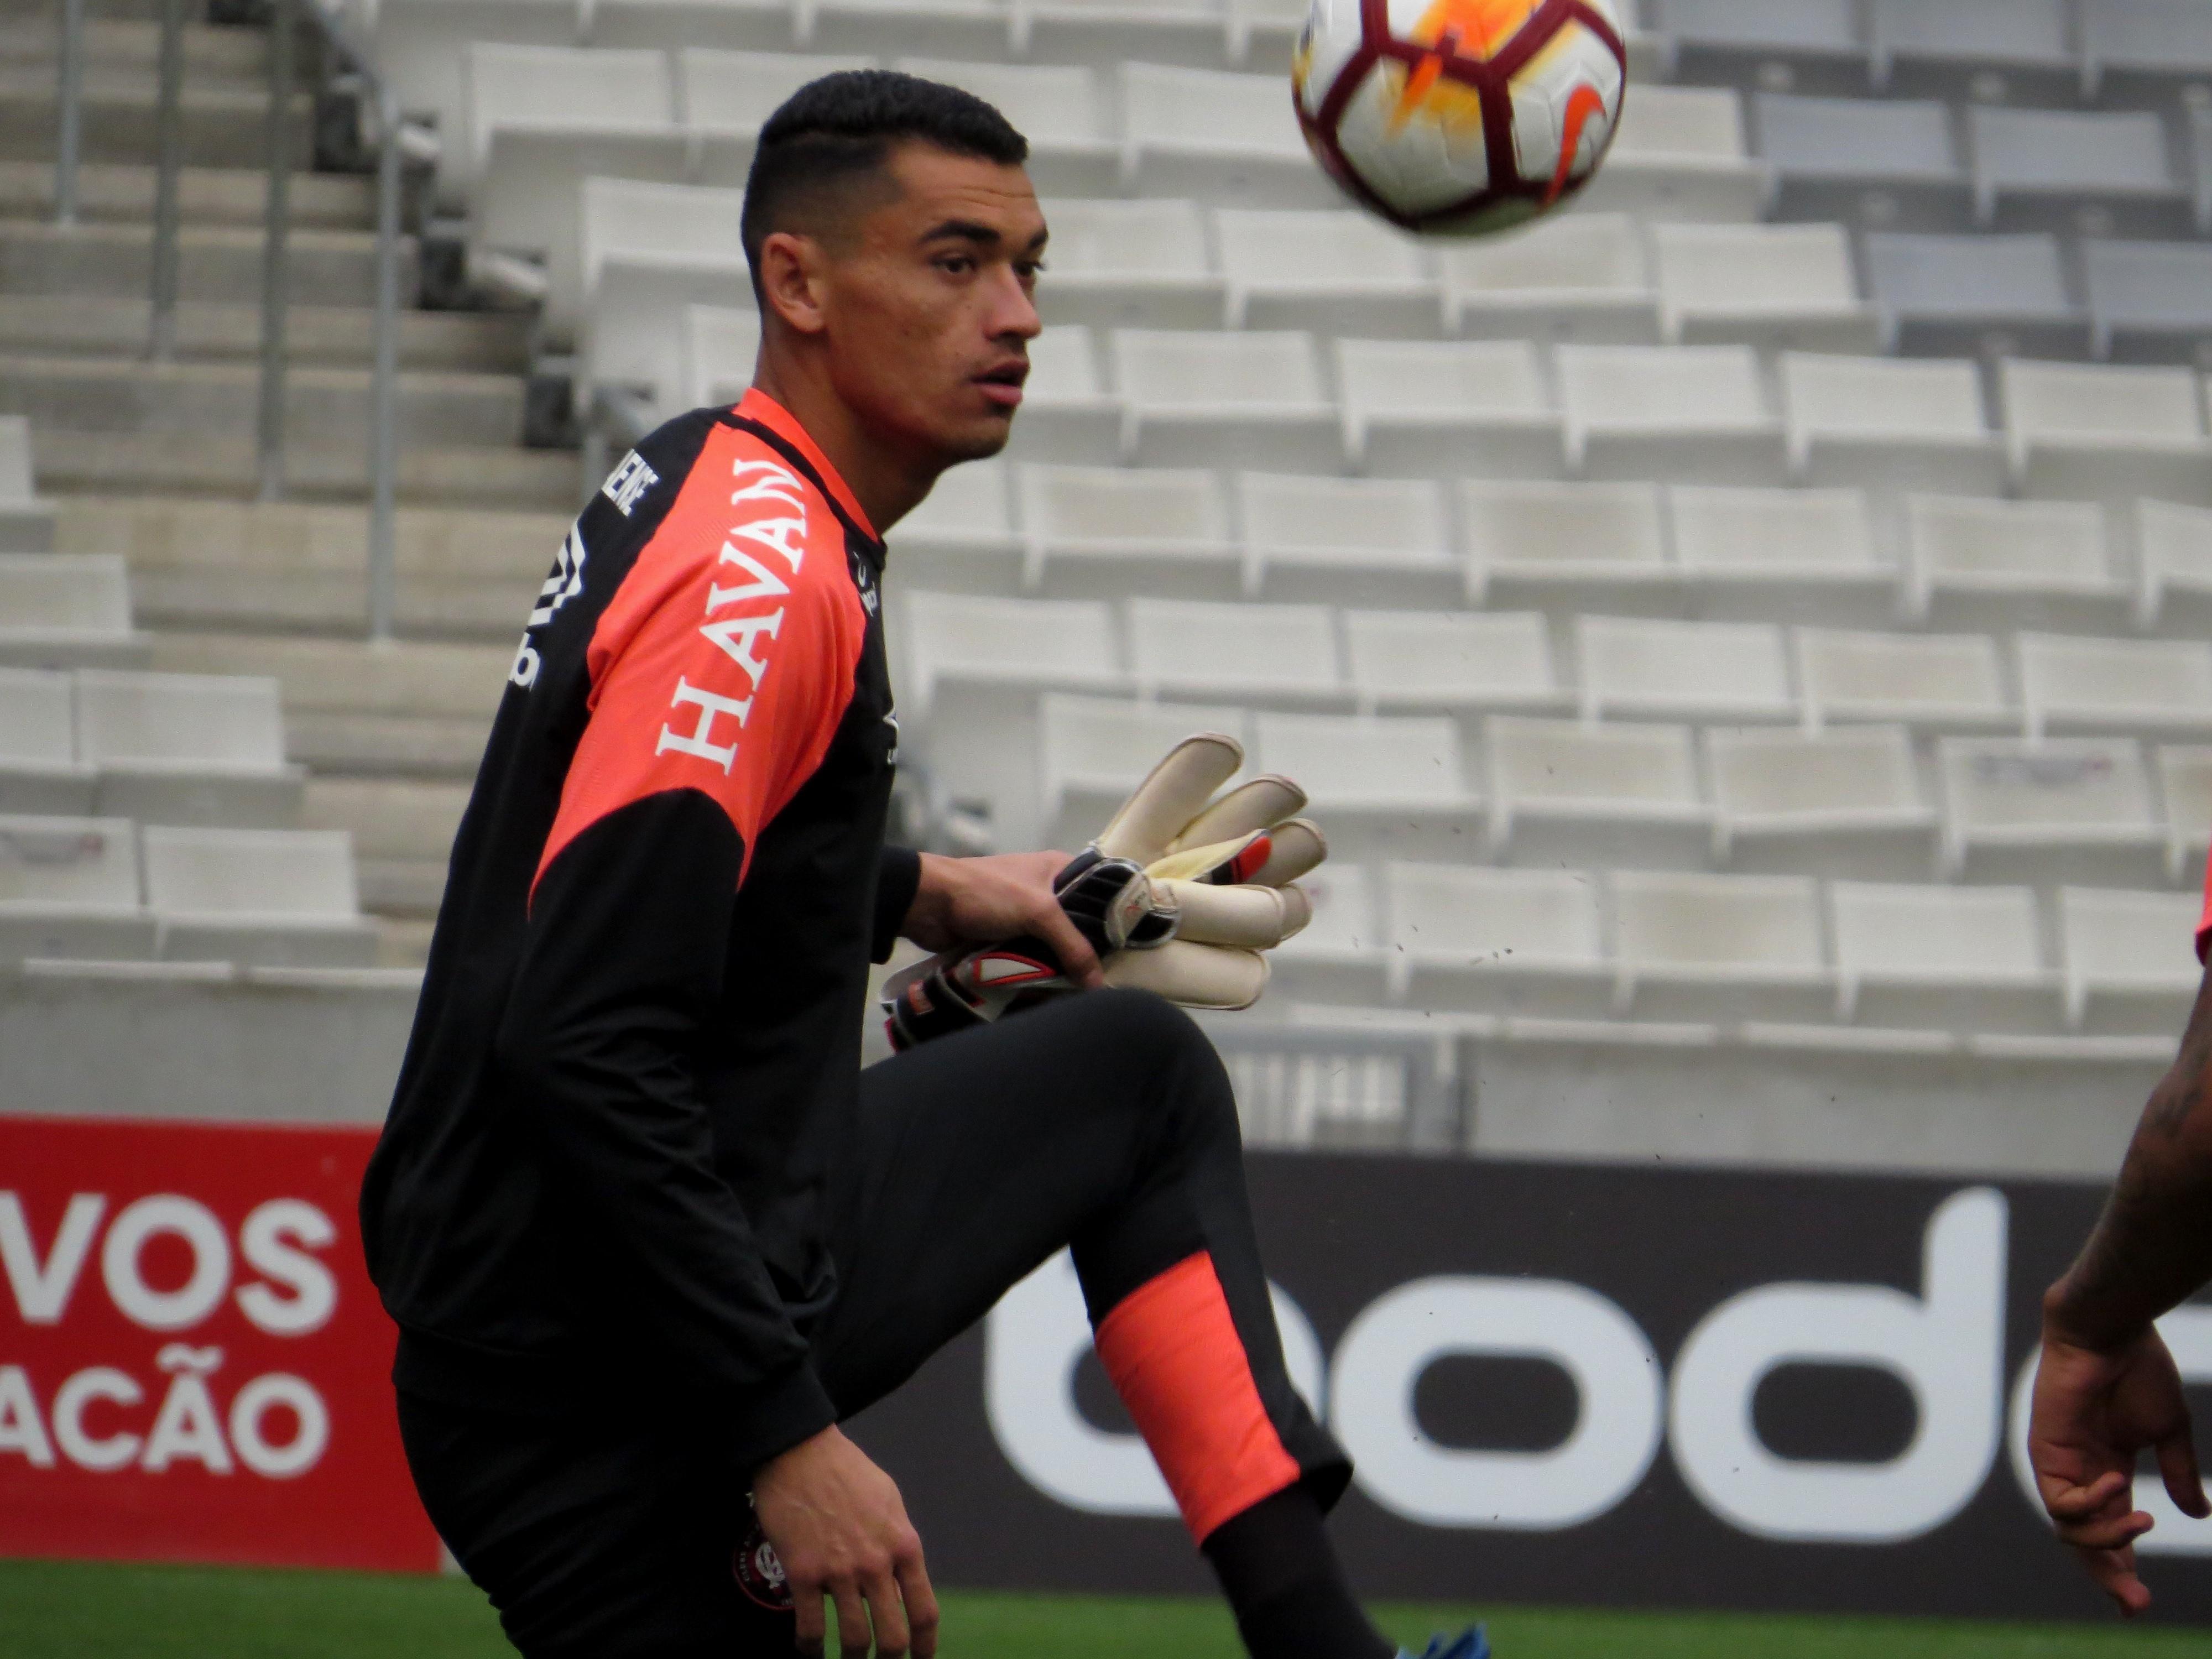 Seis remanescentes ataque vazio Coritiba prepara reformula§£o no time para a temporada 2019 prancheta do freire